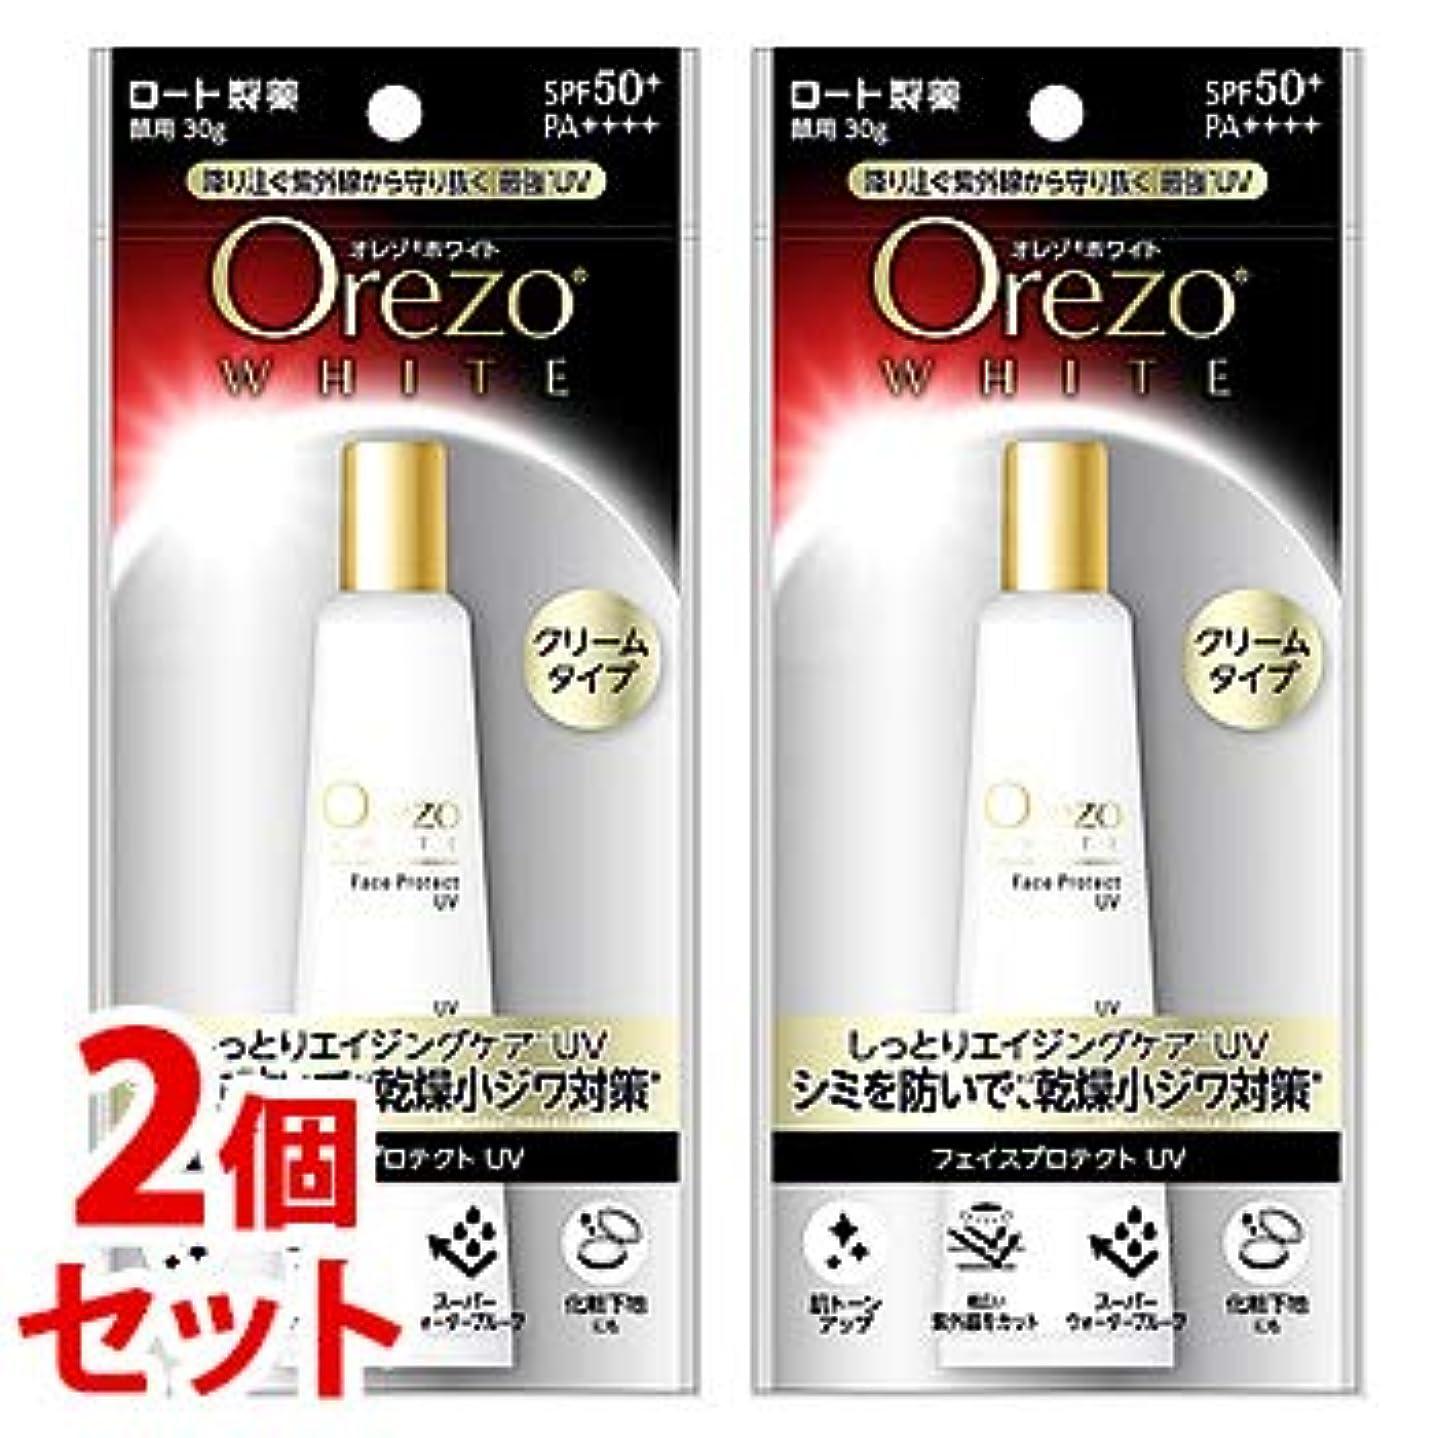 協定投票鉄《セット販売》 ロート製薬 Orezo オレゾ ホワイト フェイスプロテクトUV SPF50+ PA++++ (30g)×2個セット 顔用 日やけ止め 化粧下地 クリームタイプ